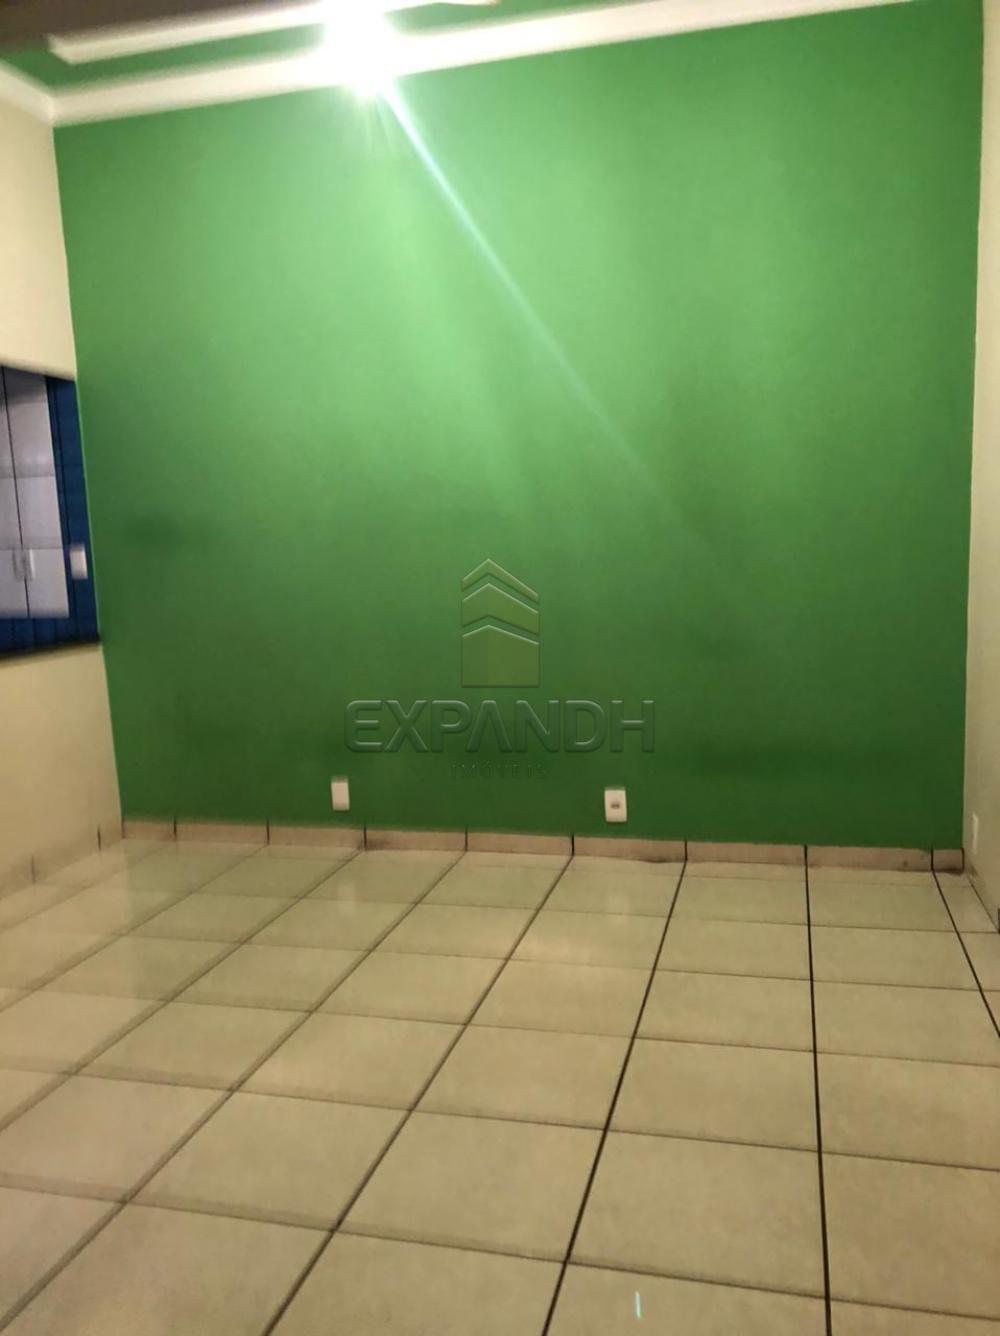 Alugar Casas / Padrão em Sertãozinho R$ 1.400,00 - Foto 6